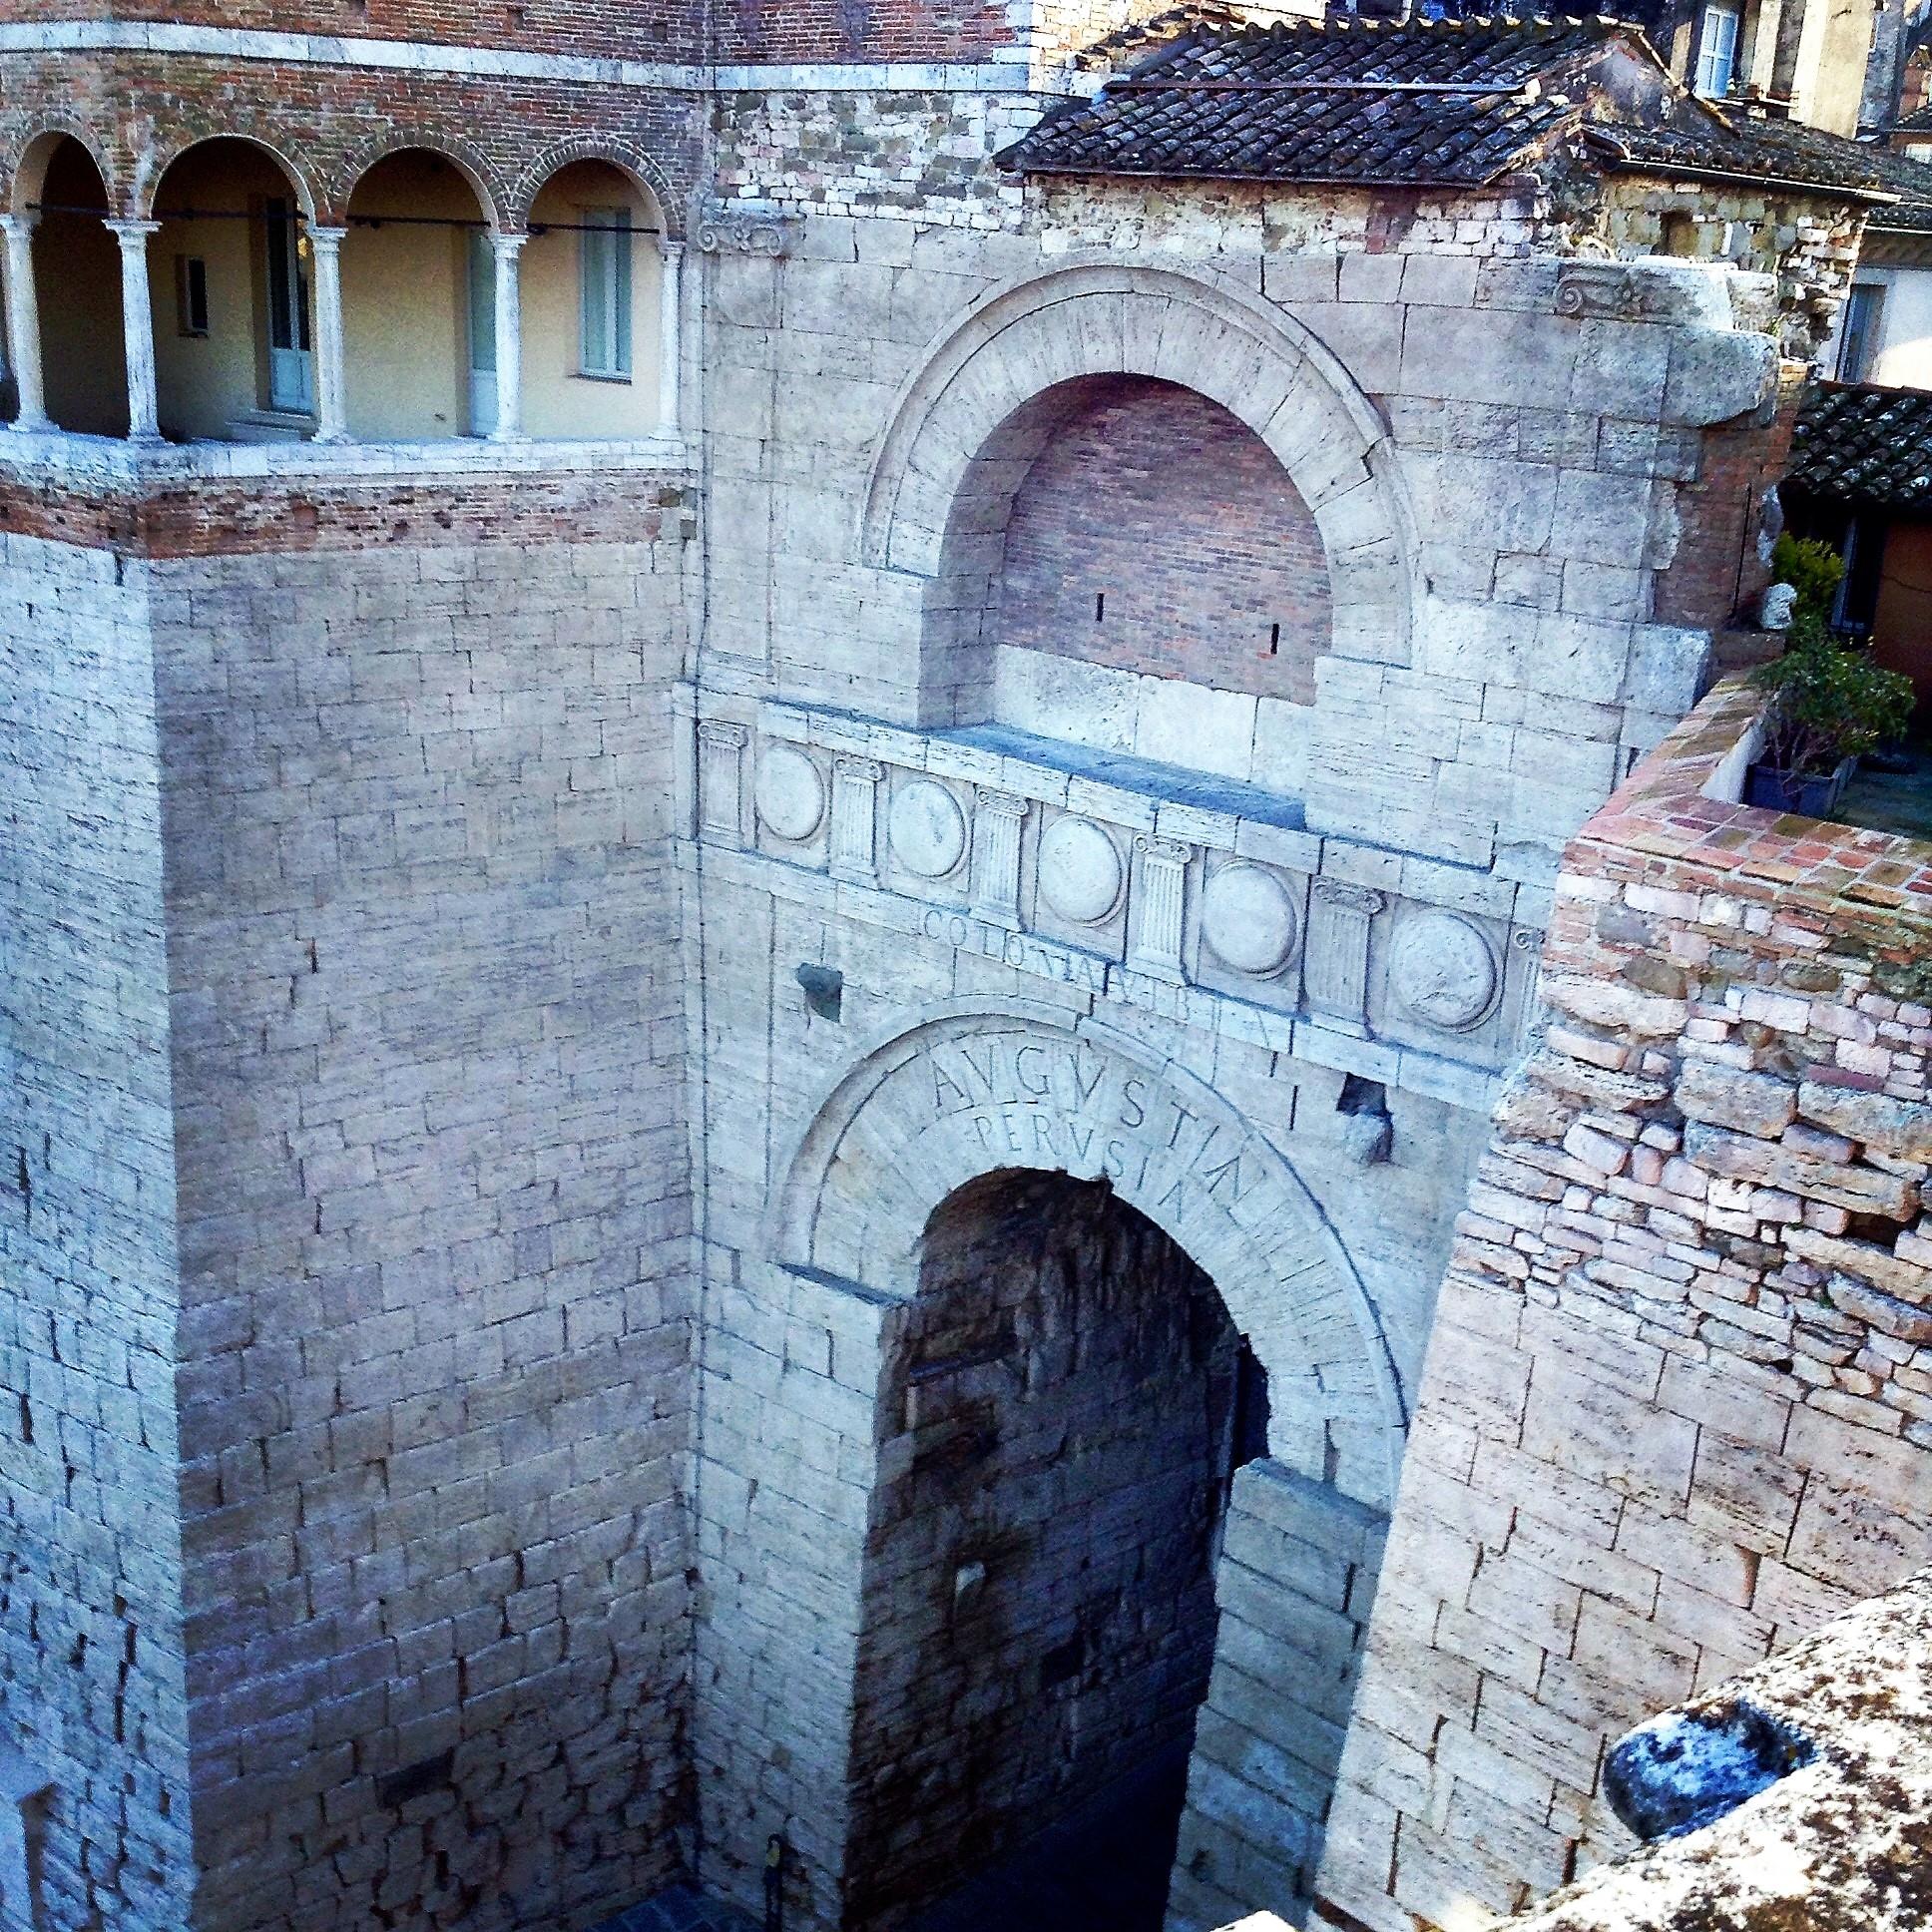 Learning Italian in Perugia